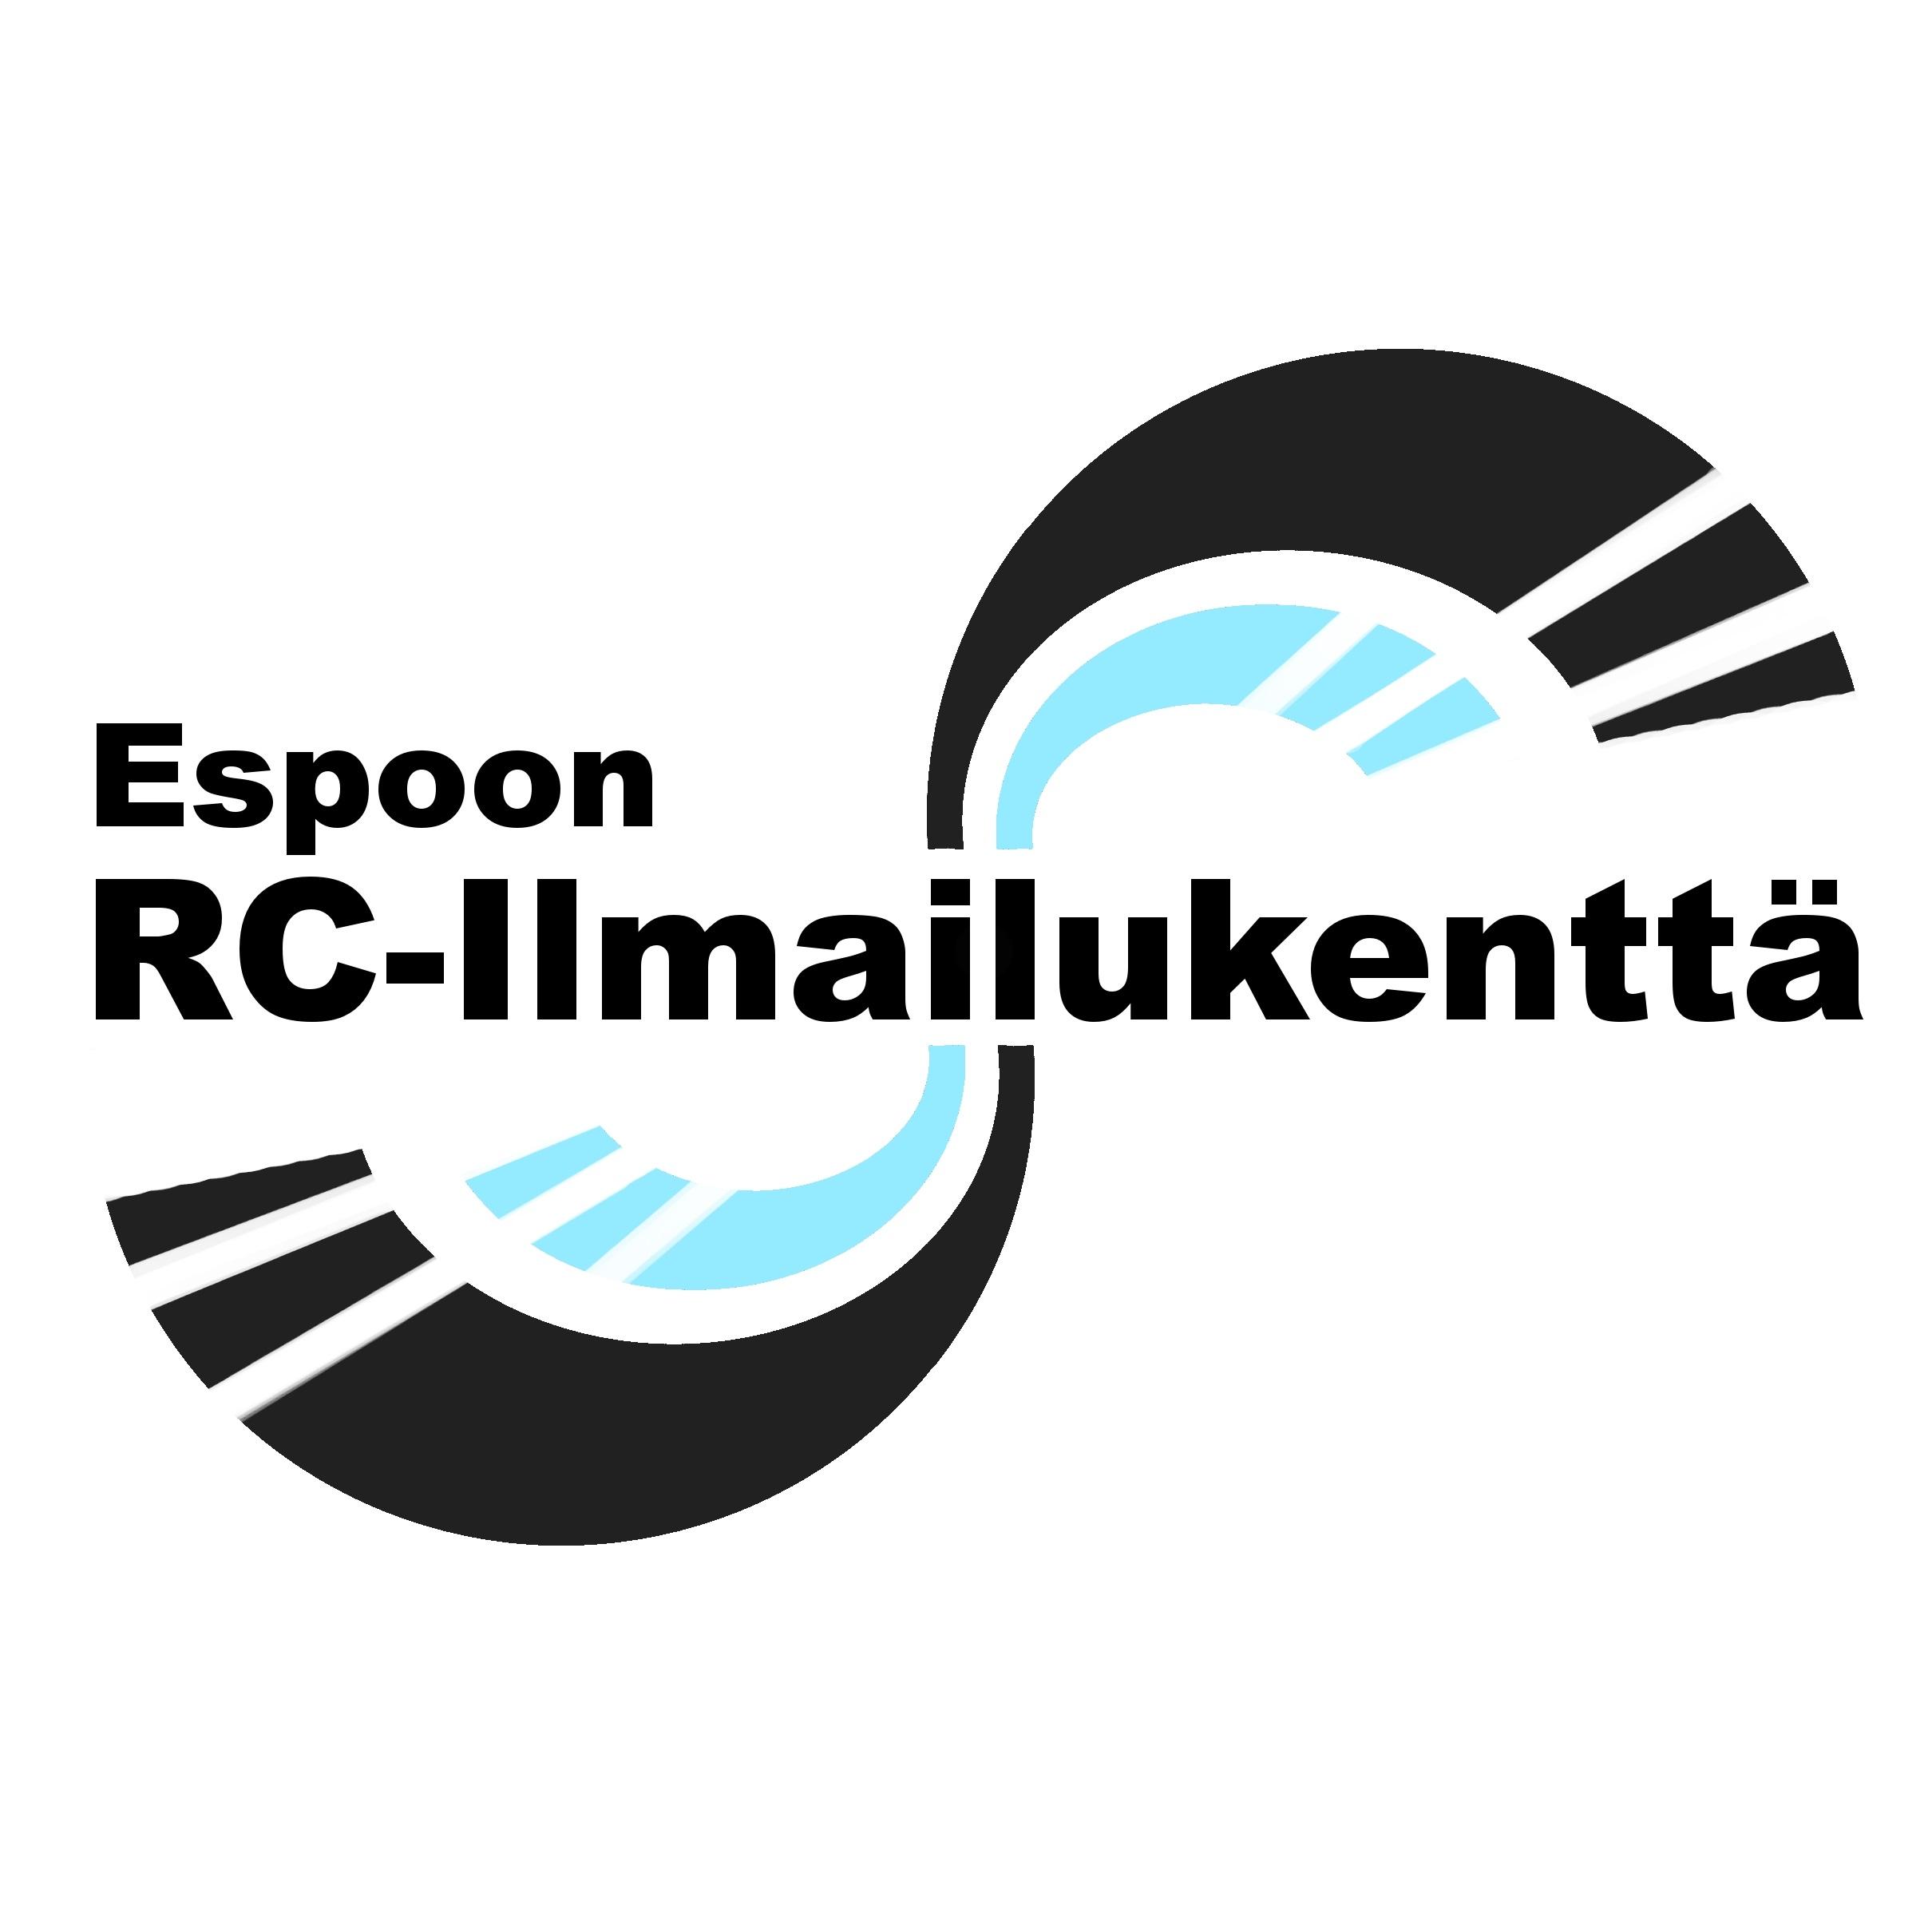 Espoon RC-Ilmailukenttä